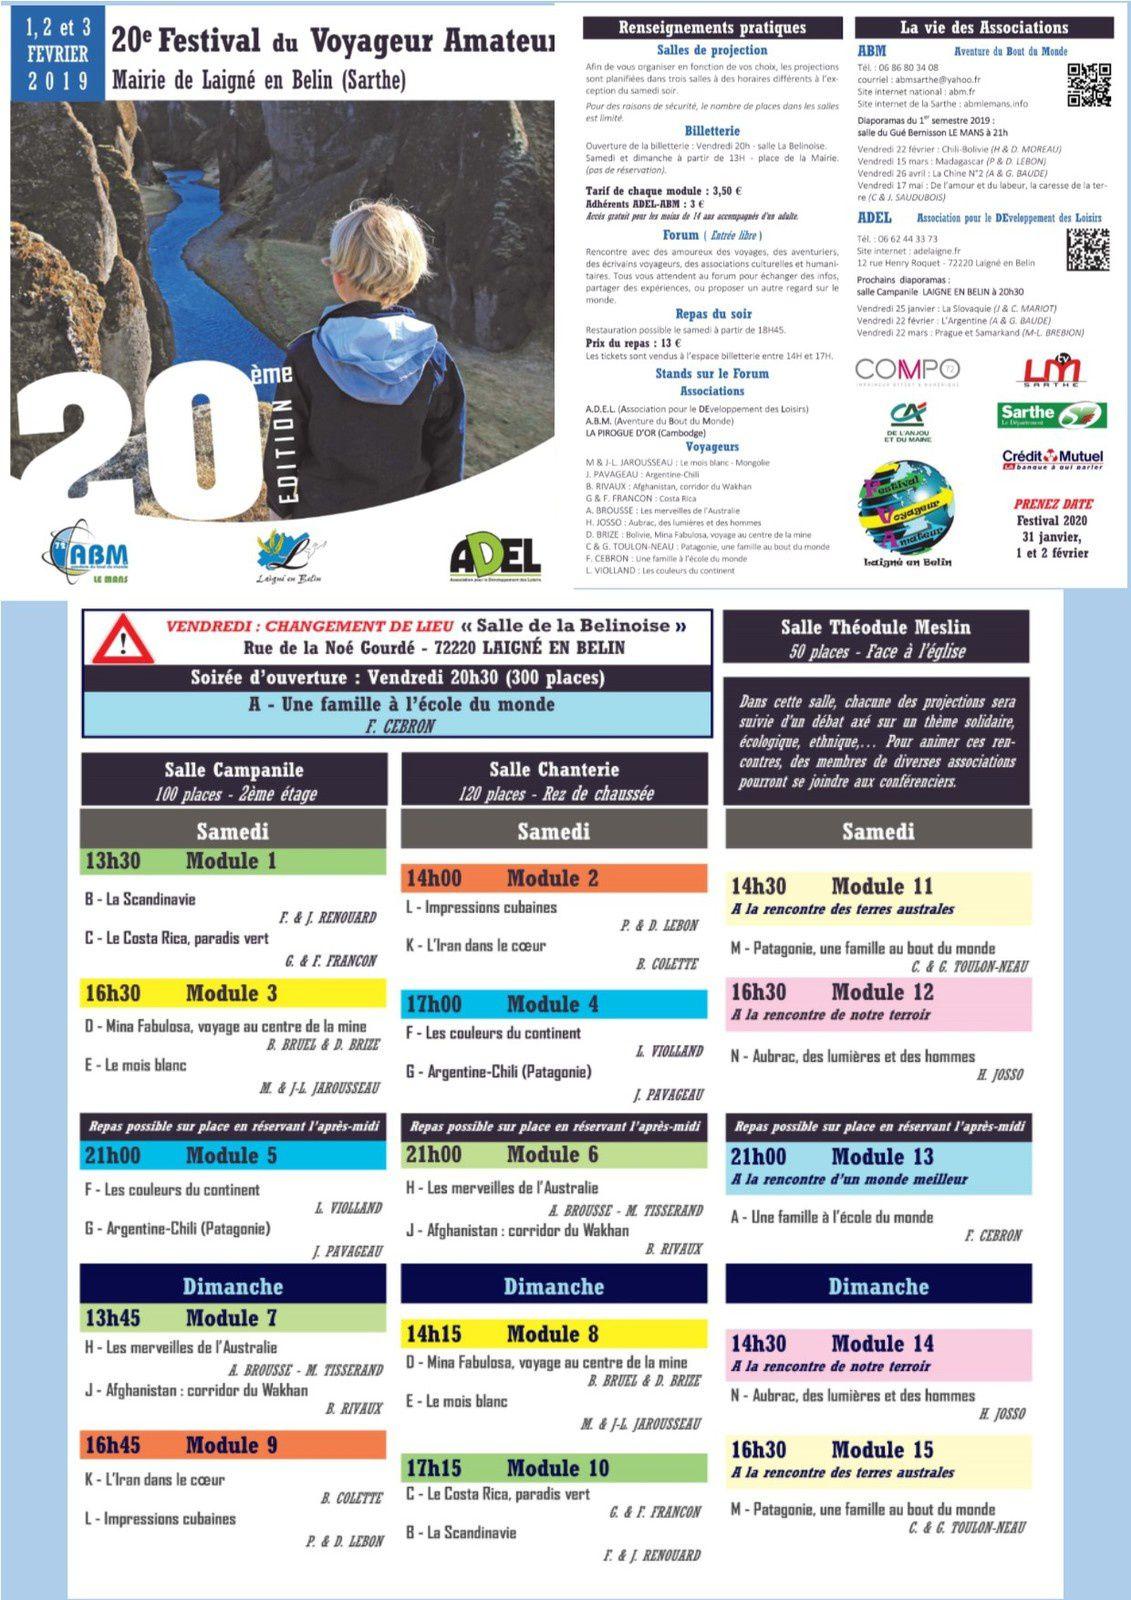 Festival du voyageur amateur 1 - 2 - 3 février Laigné en Belin